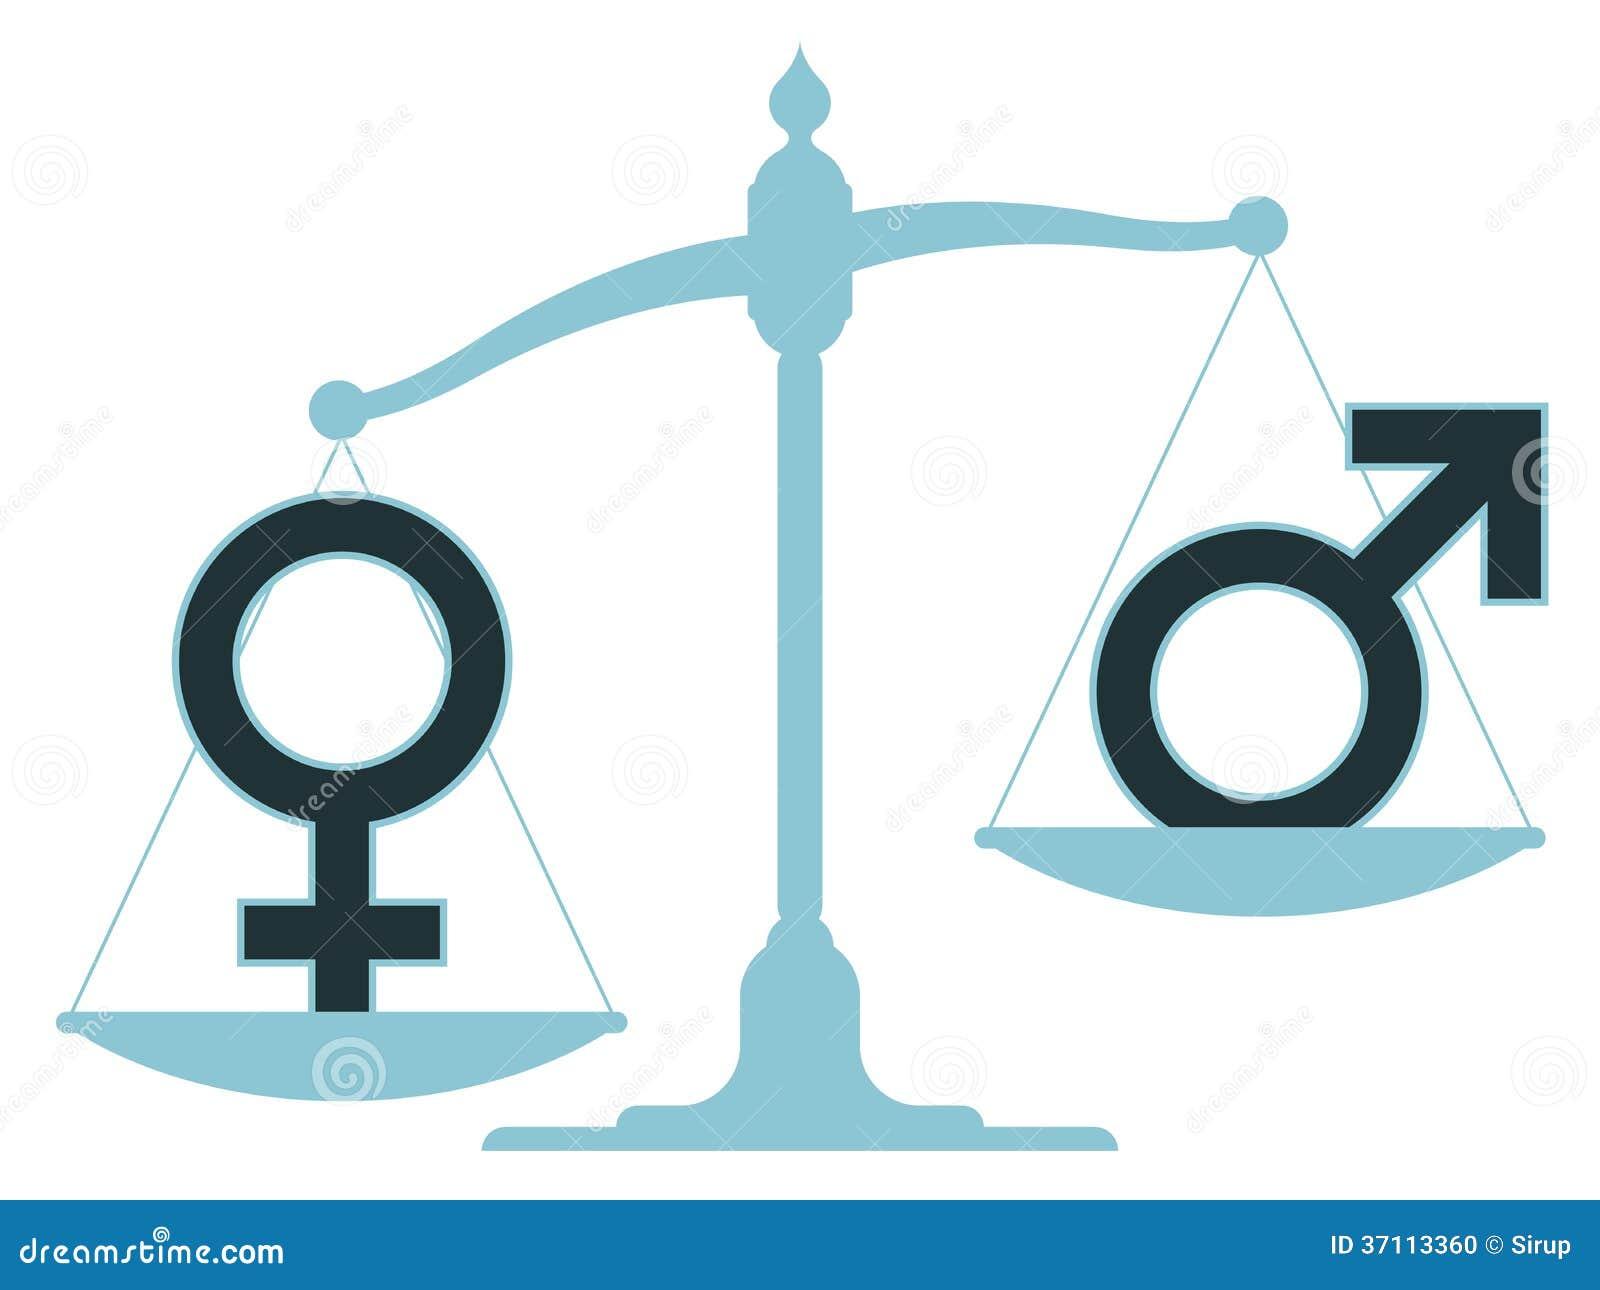 Skala mit den männlichen und weiblichen Ikonen, die Unausgeglichenheit zeigen